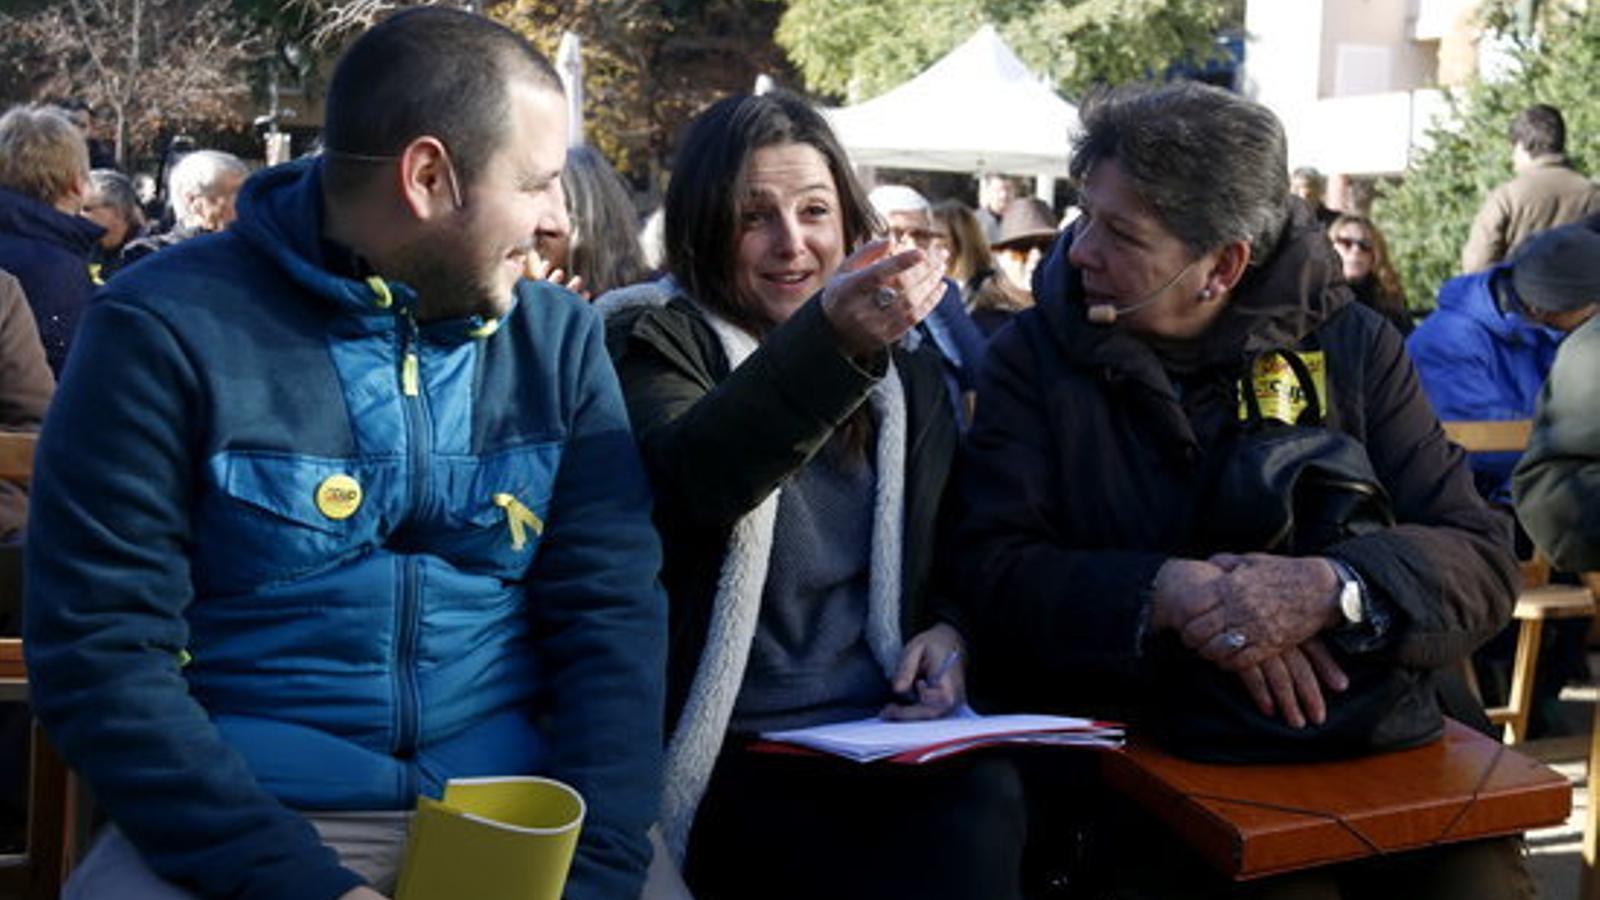 Aitor Blanc, Maria Sirvent i Gabriela Serra abans del míting de la CUP a Santa Coloma de Gramenet